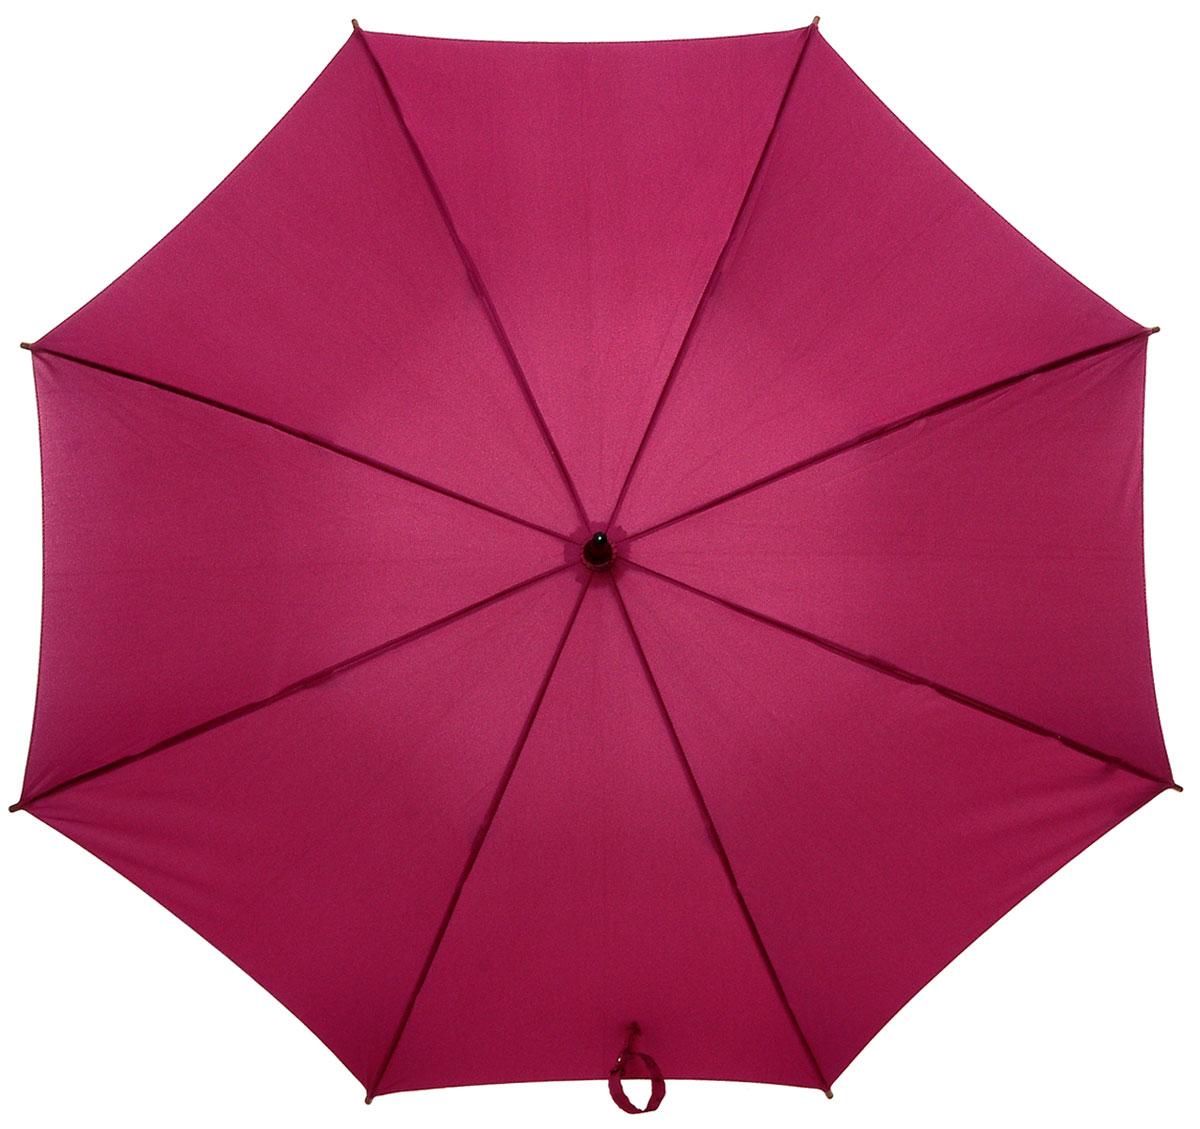 Зонт-трость женский Fulton Kensington, механический, цвет: бордовый. L776-5S025L776-5S025 BerryМодный механический зонт-трость Fulton Kensington даже в ненастную погоду позволит вам оставаться стильной и элегантной. Каркас зонта состоит из 8 спиц и стержня из фибергласса. Купол зонта выполнен из прочного полиэстера. Изделие оснащено удобной рукояткой из дерева. Зонт механического сложения: купол открывается и закрывается вручную до характерного щелчка. Модель закрывается при помощи двух хлястиков на кнопках. Такой зонт не только надежно защитит вас от дождя, но и станет стильным аксессуаром, который идеально подчеркнет ваш неповторимый образ.